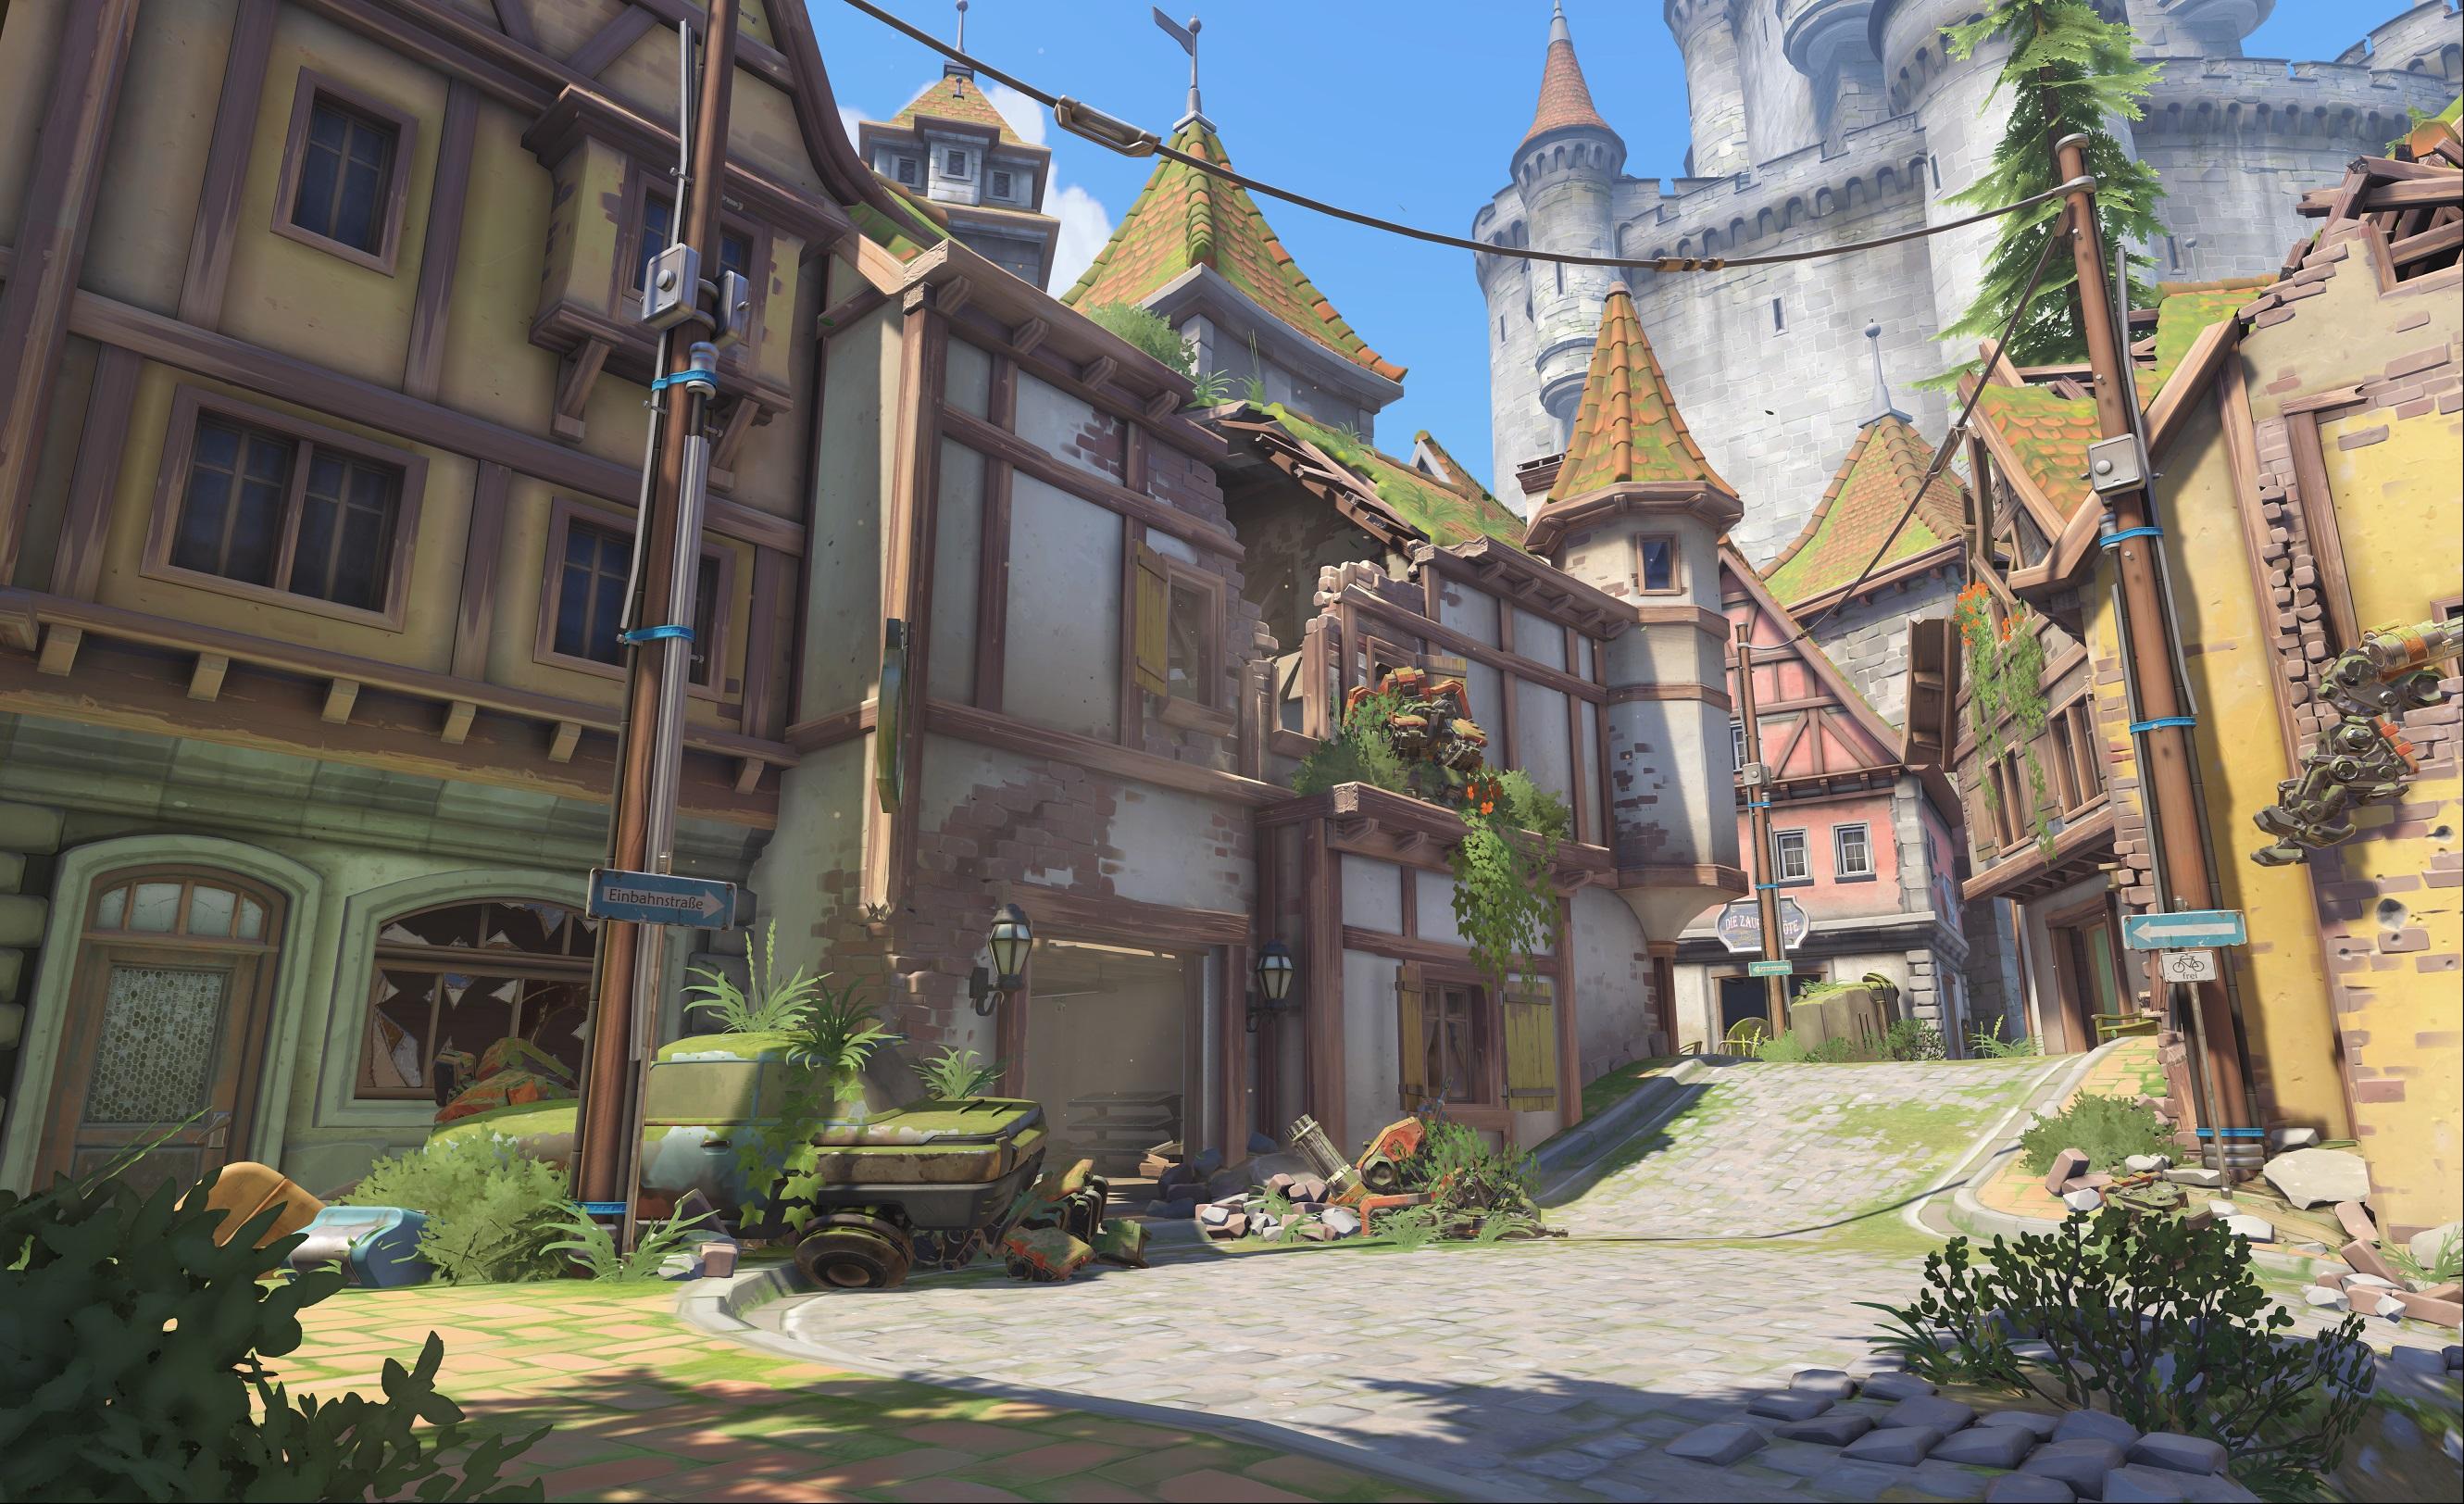 Nová mapa pro Overwatch nás zavede do hradu a přilehlého městečka v Německu 128676